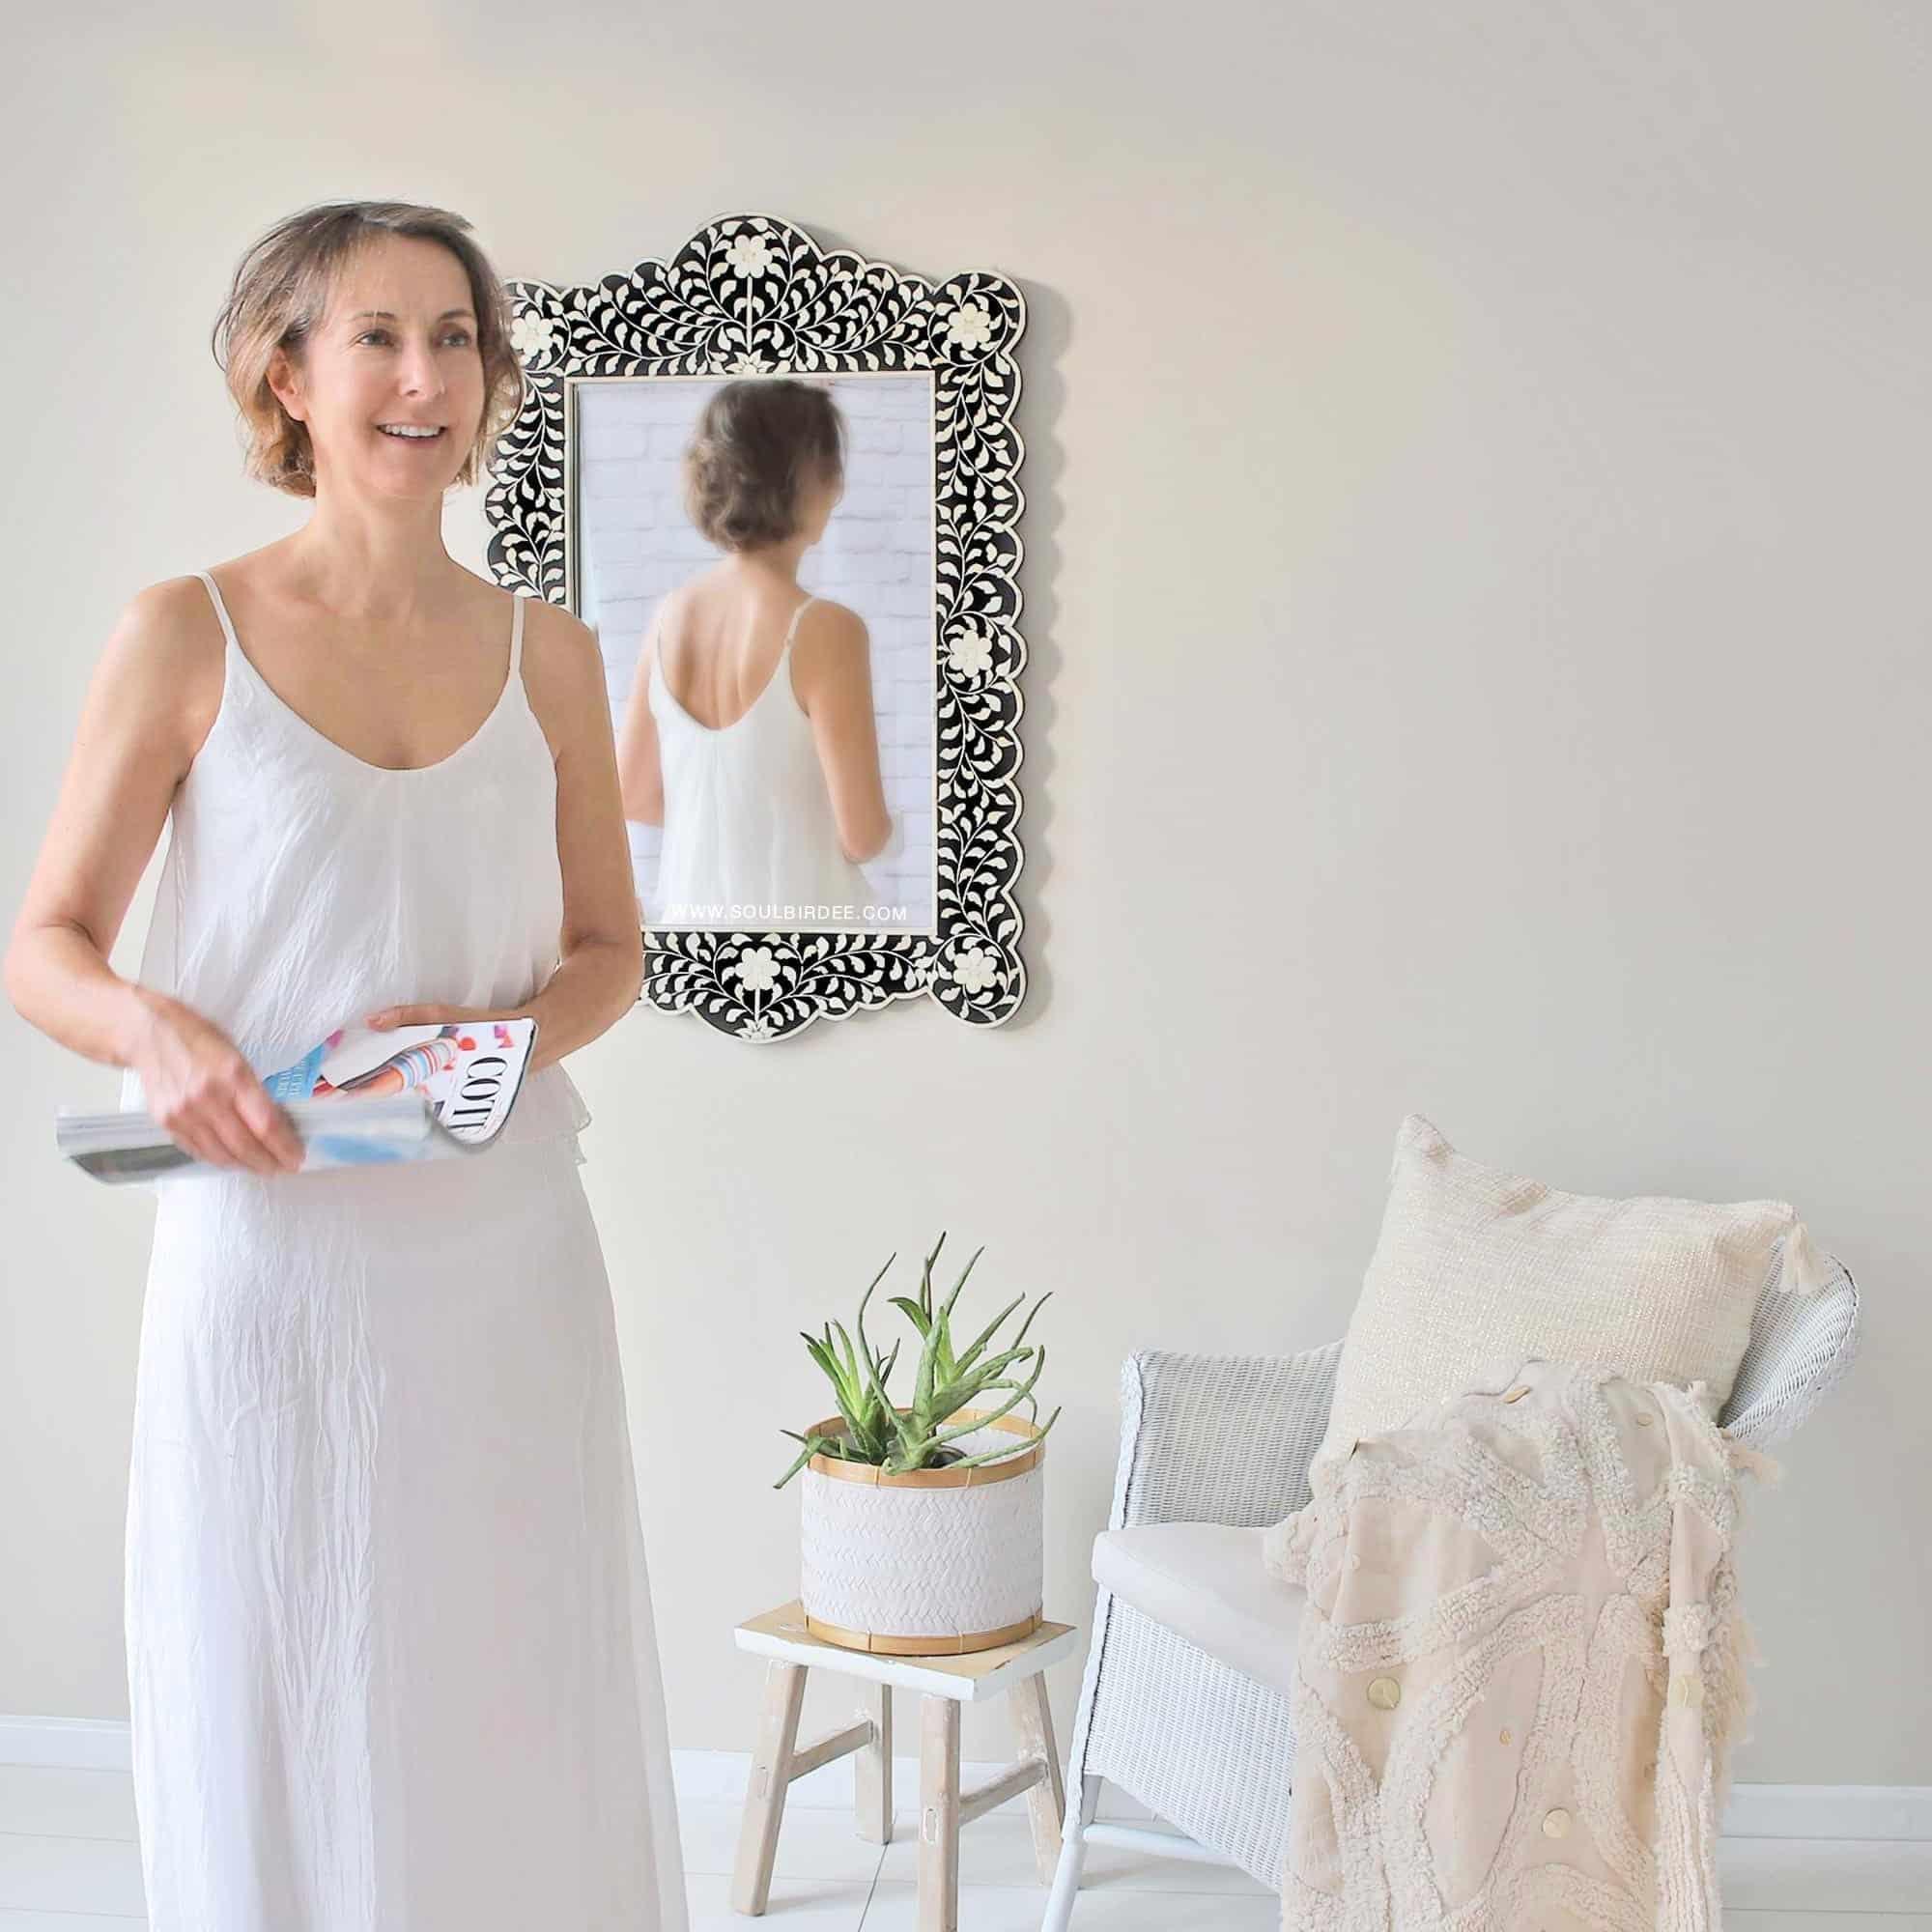 Schwarzer orientalischer marokkanischer Spiegel mit Intarsien Inlay Muster und weißen Blumen. Handgemachter großer Inlay Spiegel aus Rajasthan | schneller Versand